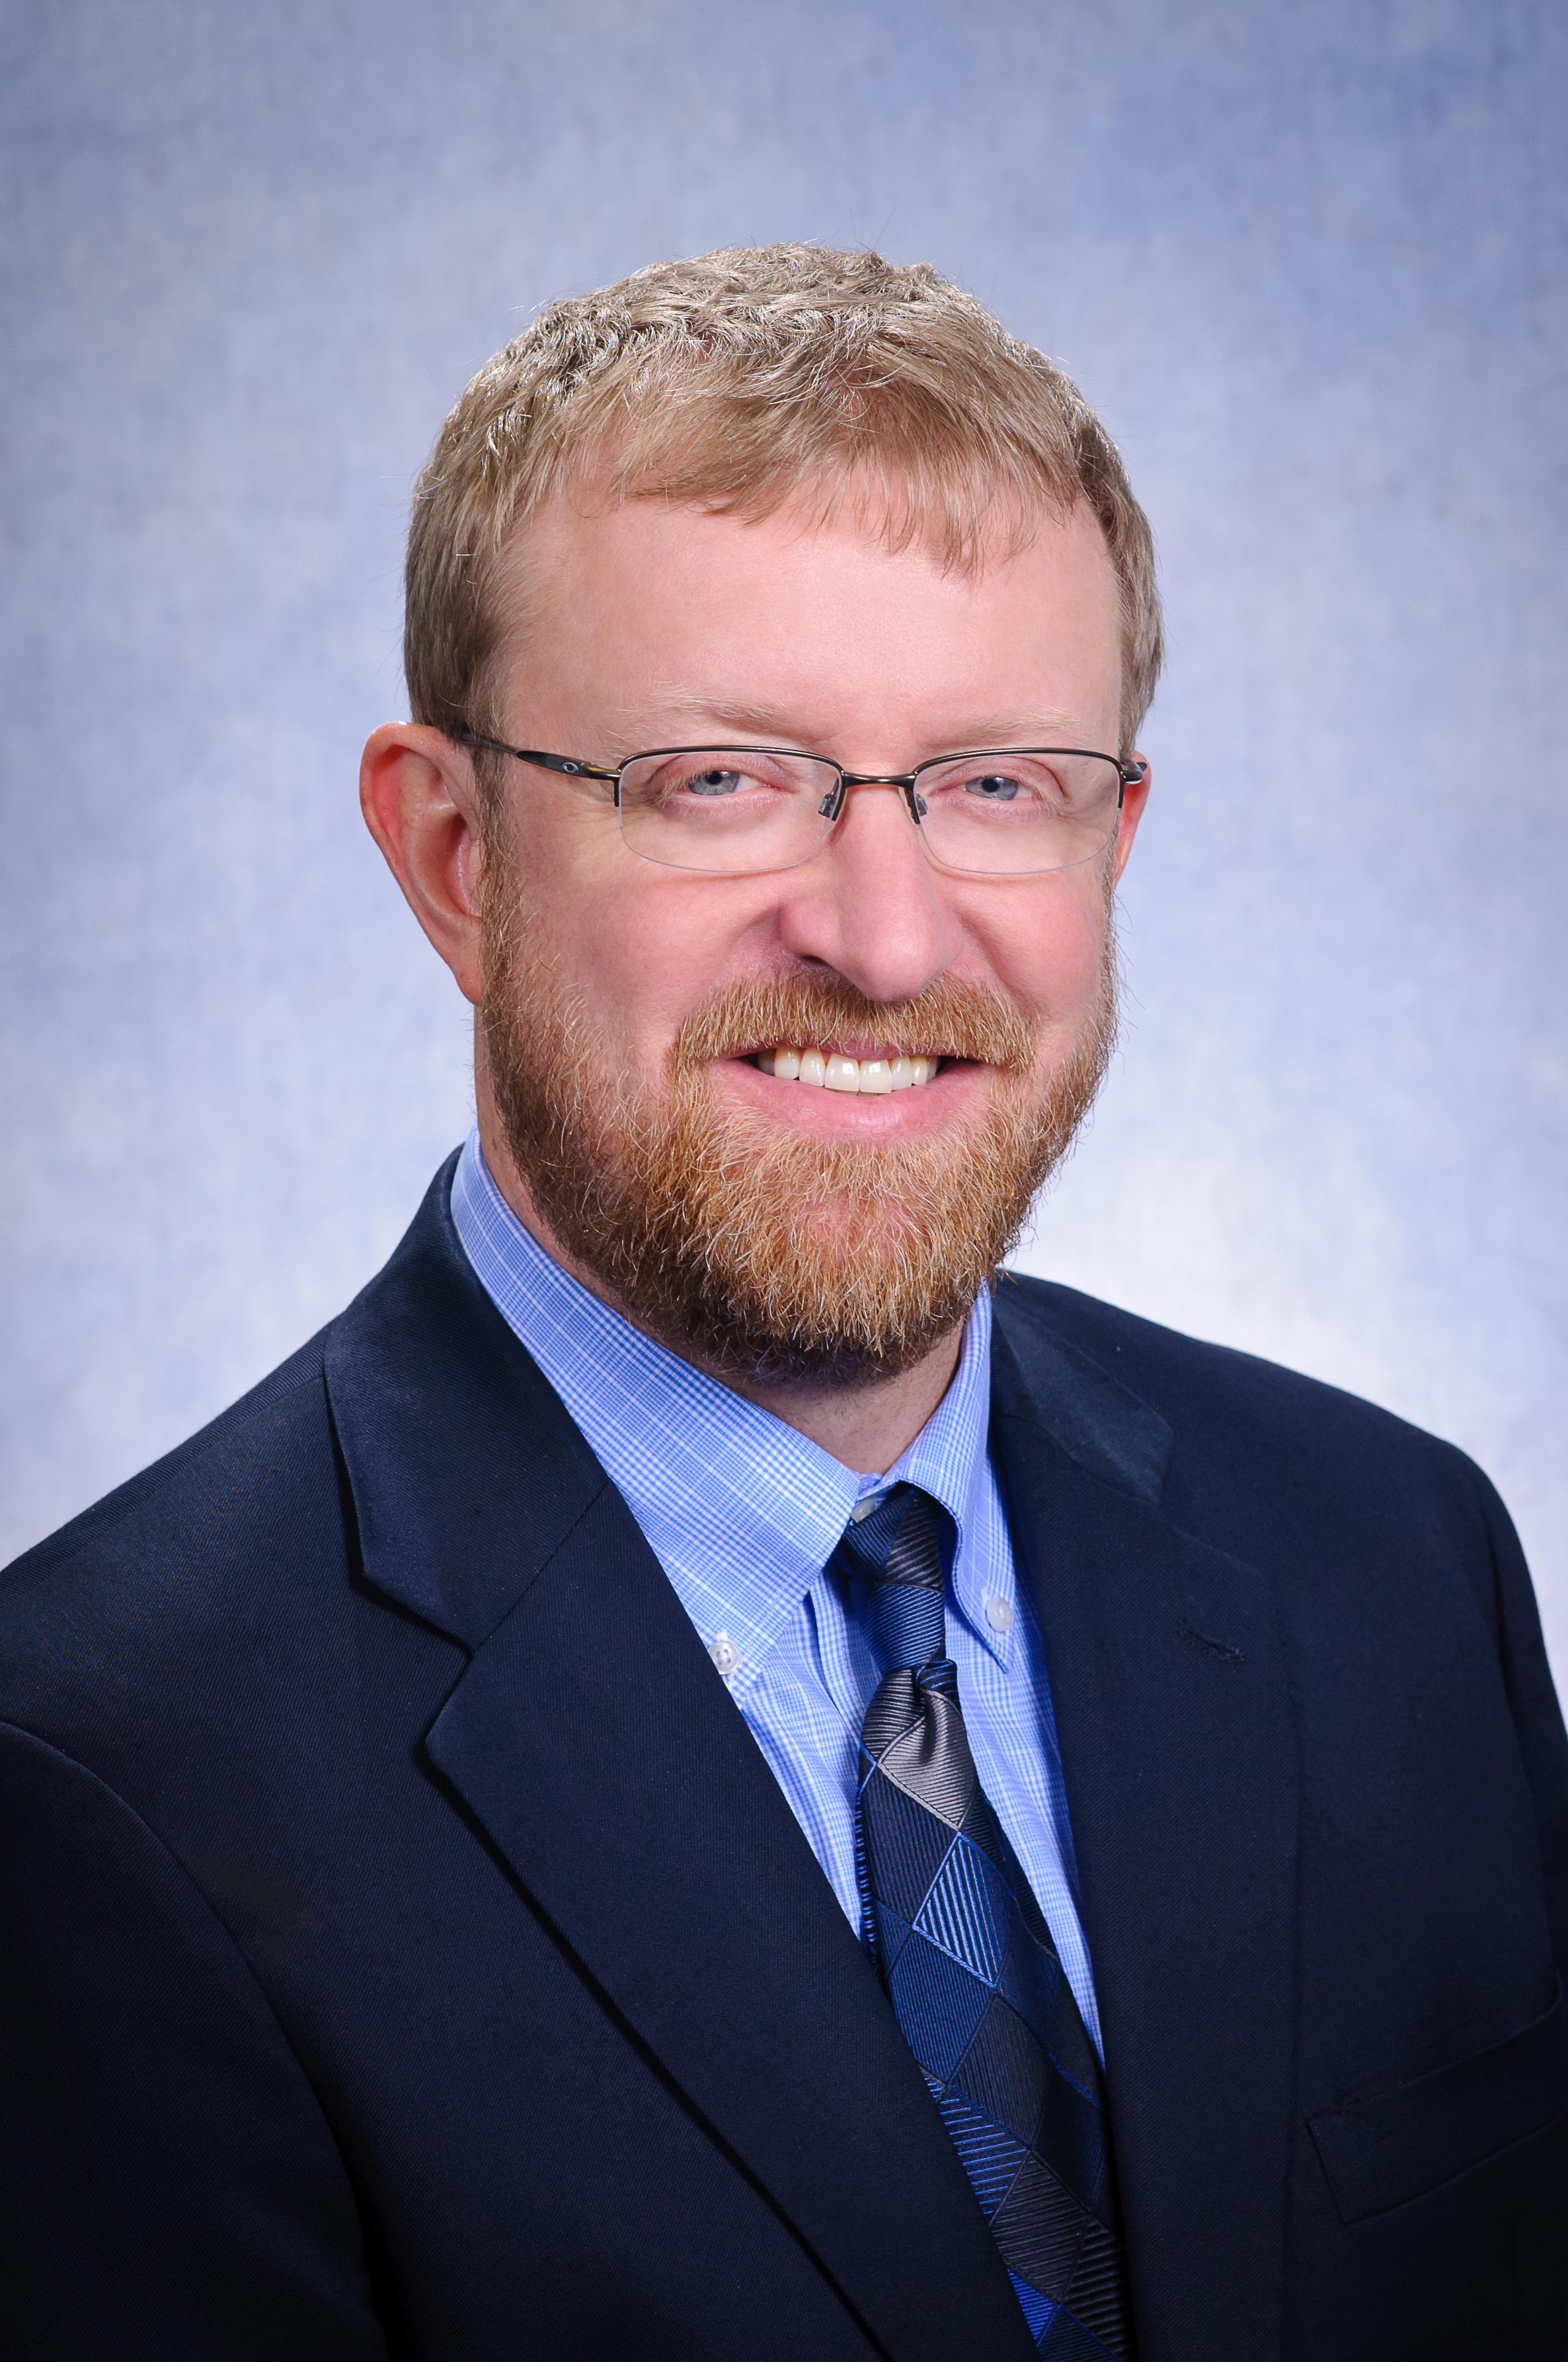 Doug Dietzman, GLHC Executive Director